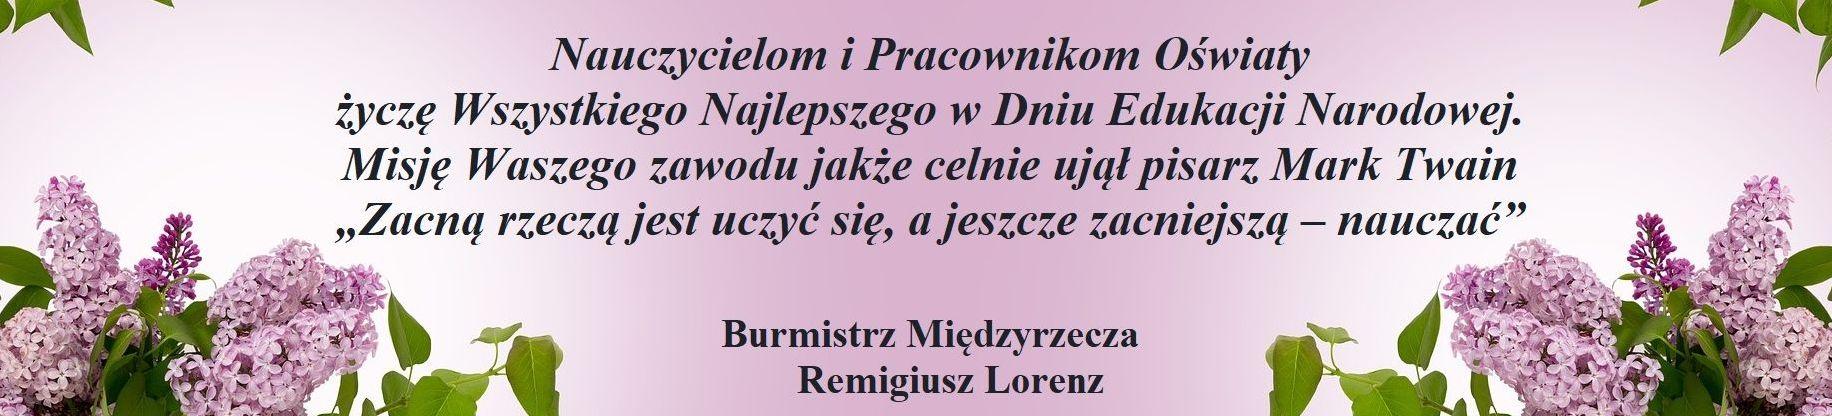 Ilustracja do informacji: Życzenia dla Nauczycieli i Pracowników Oświaty od burmistrza Remigiusza Lorenza